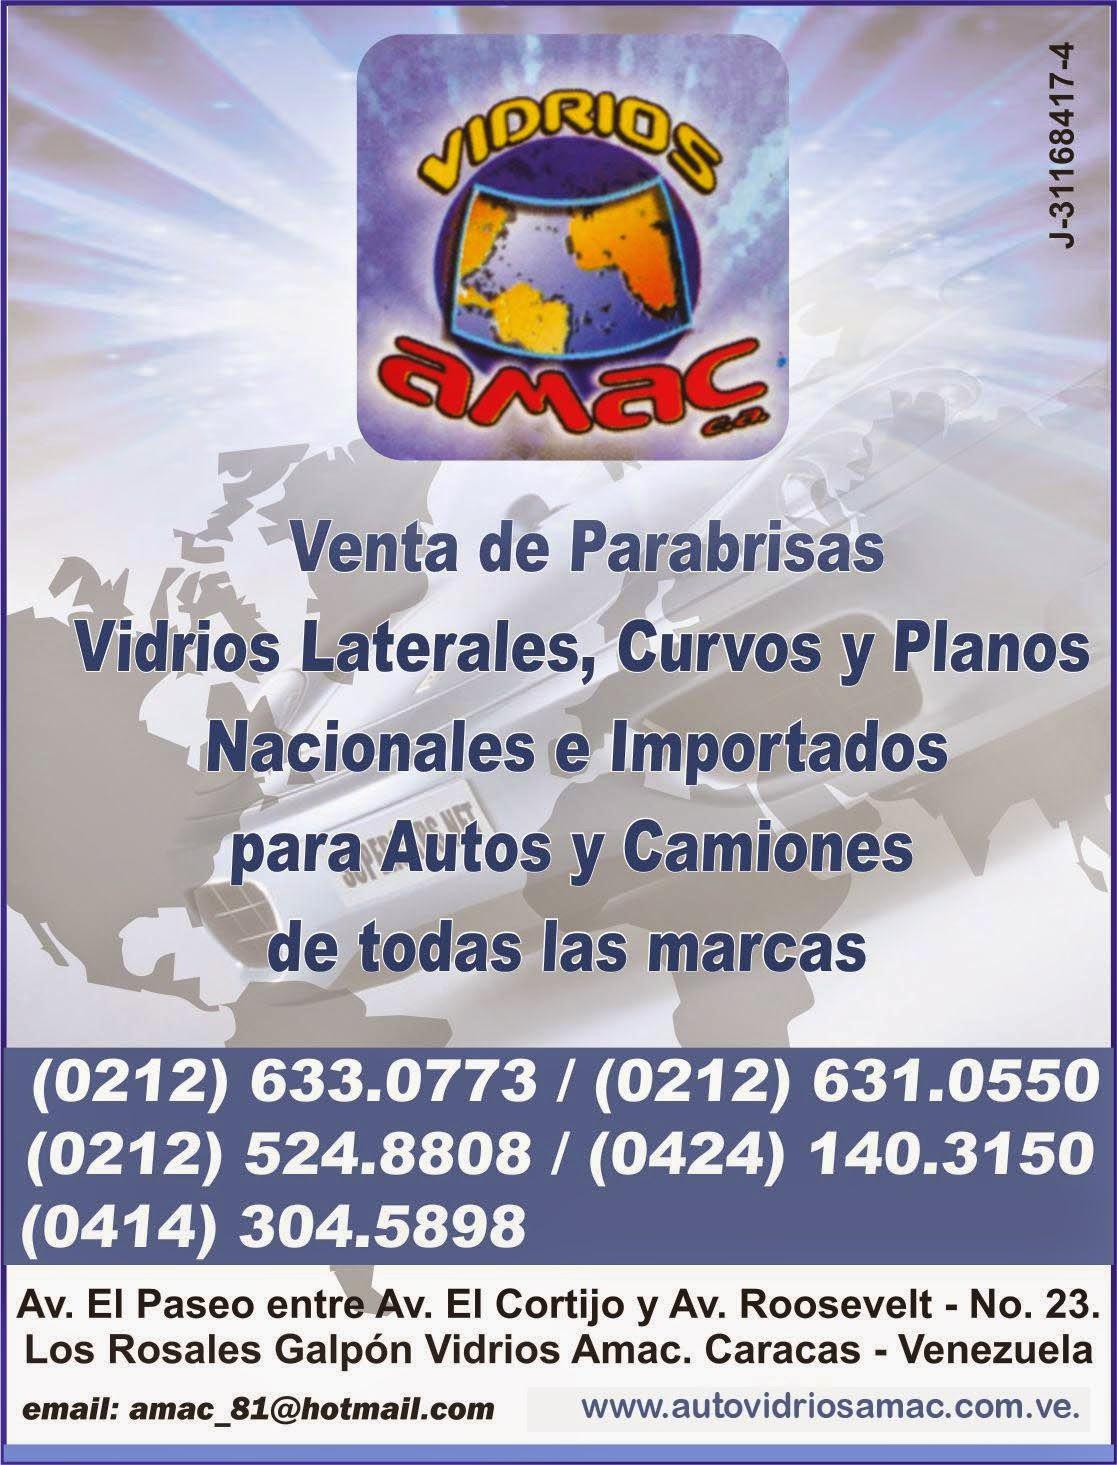 VIDRIOS AMAC en Paginas Amarillas tu guia Comercial